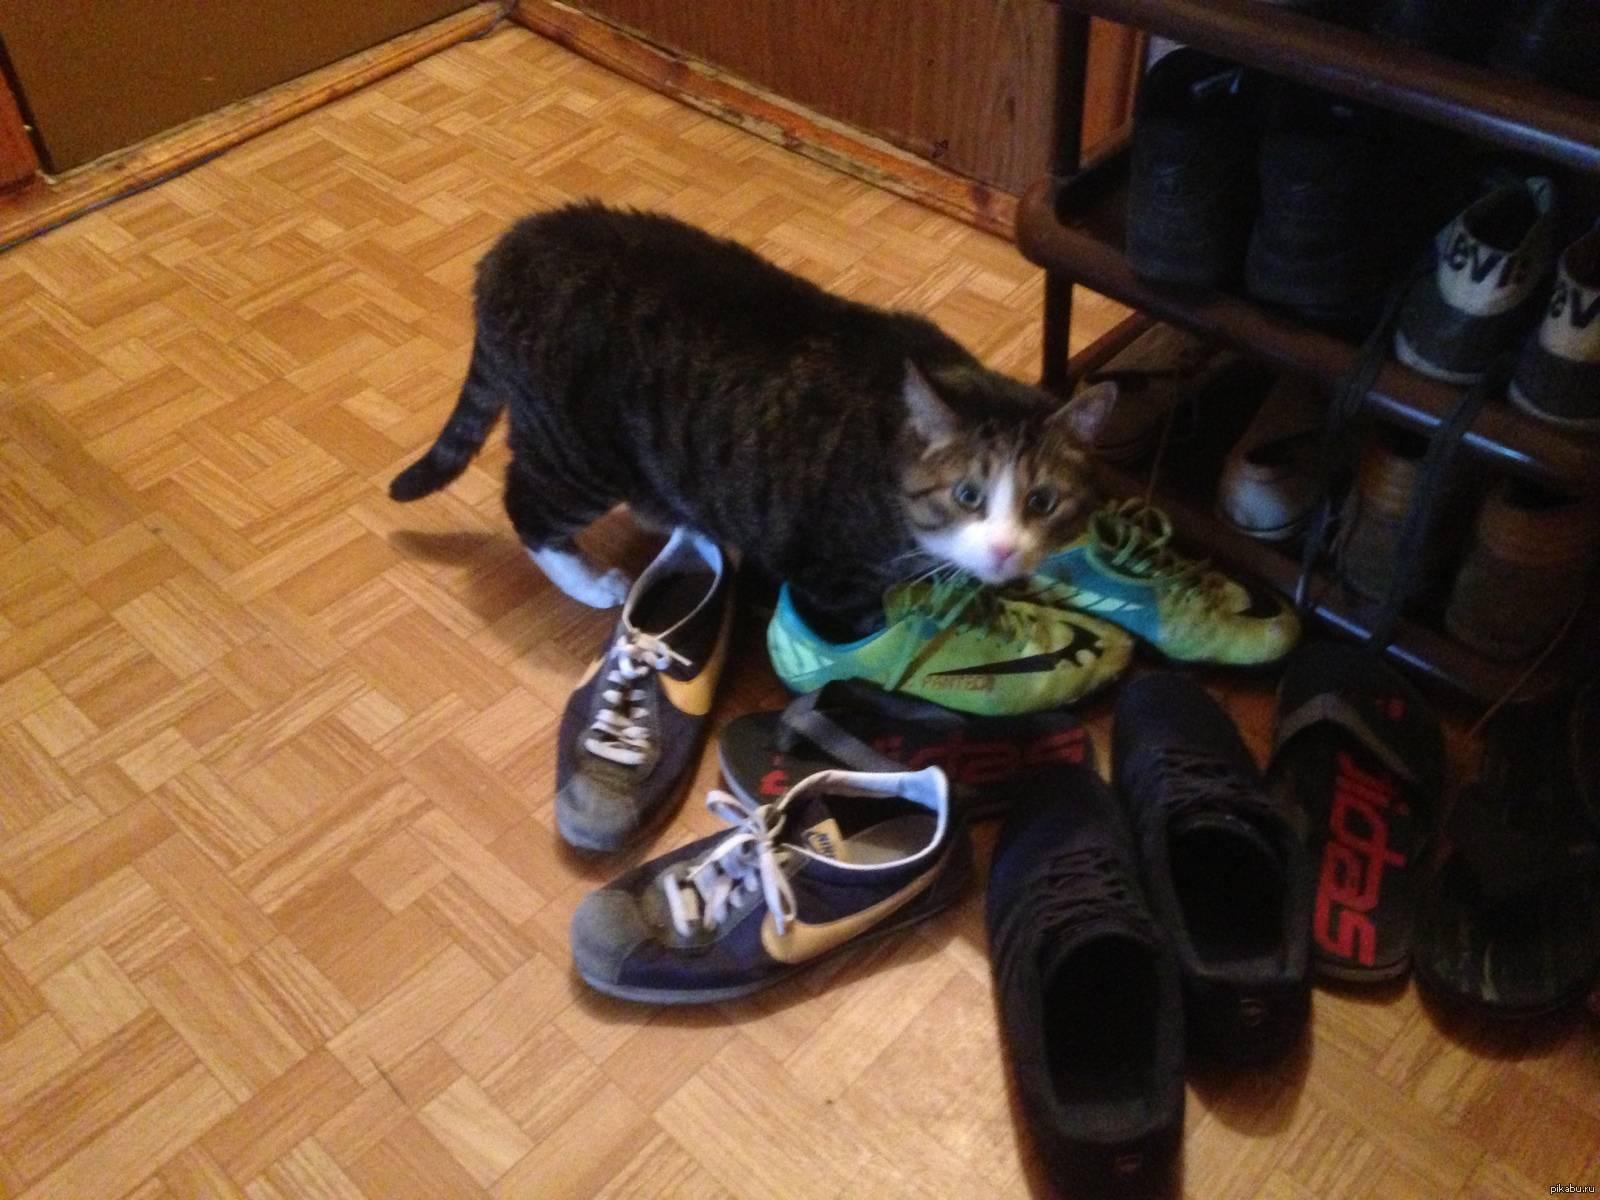 А можно научить кота приносить тапочки? — спрашивалка